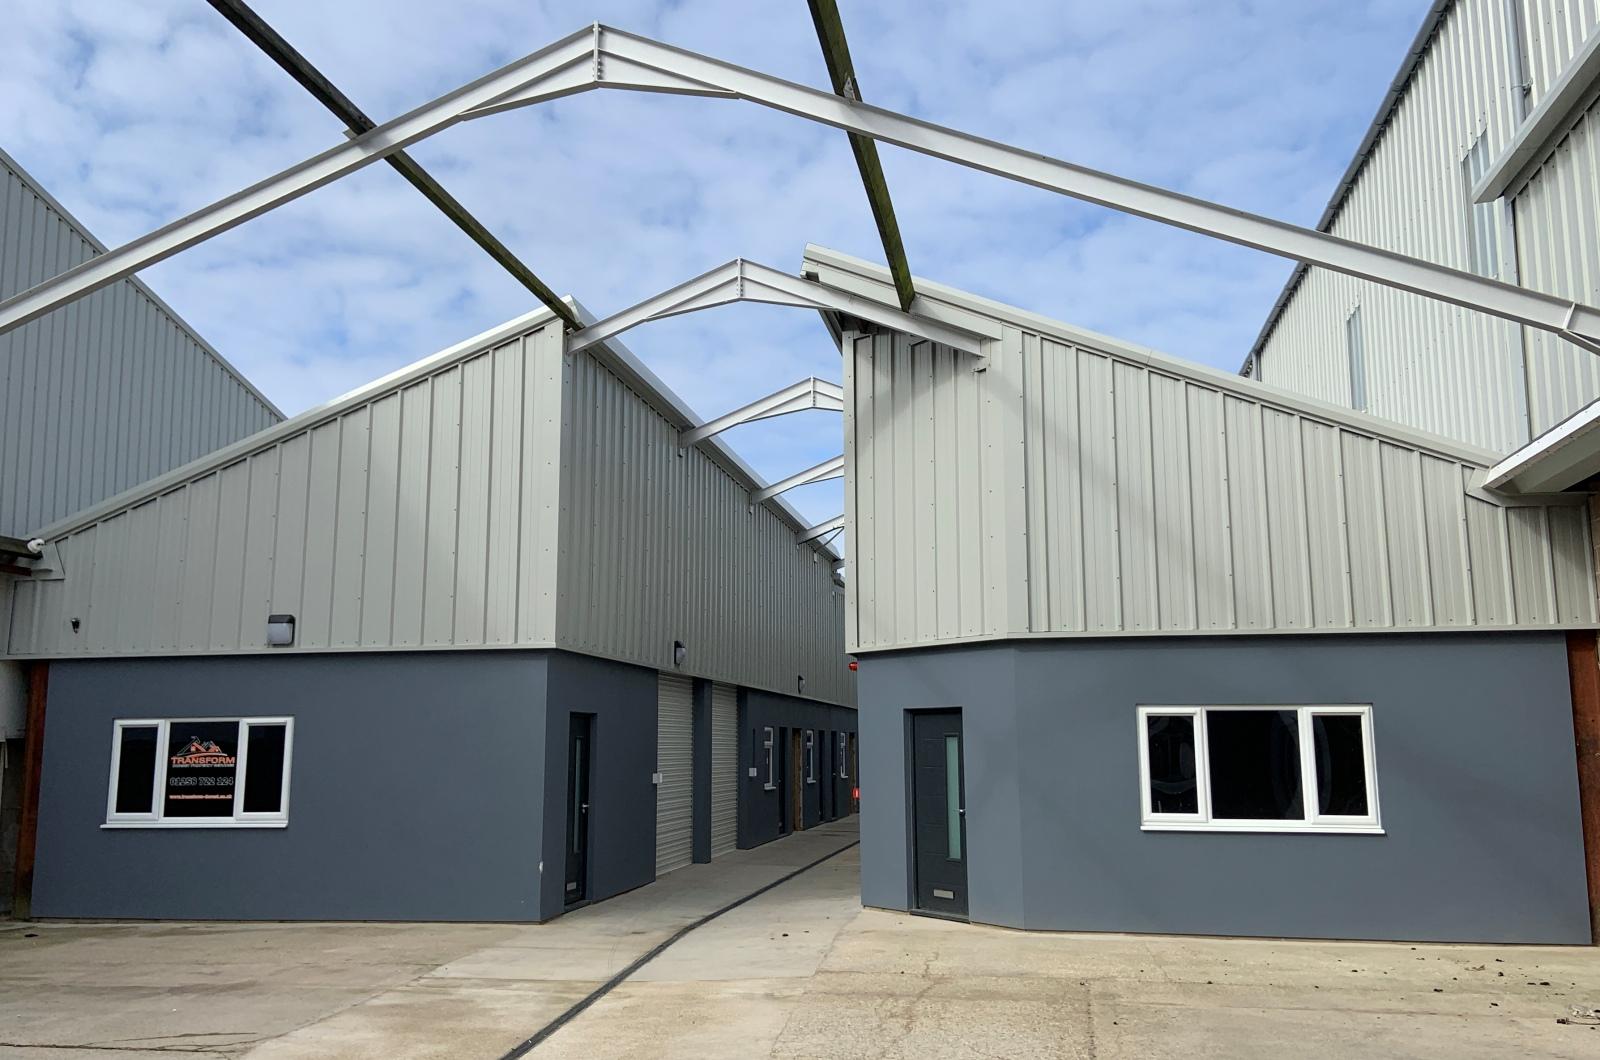 Blandford Grainstore Storage